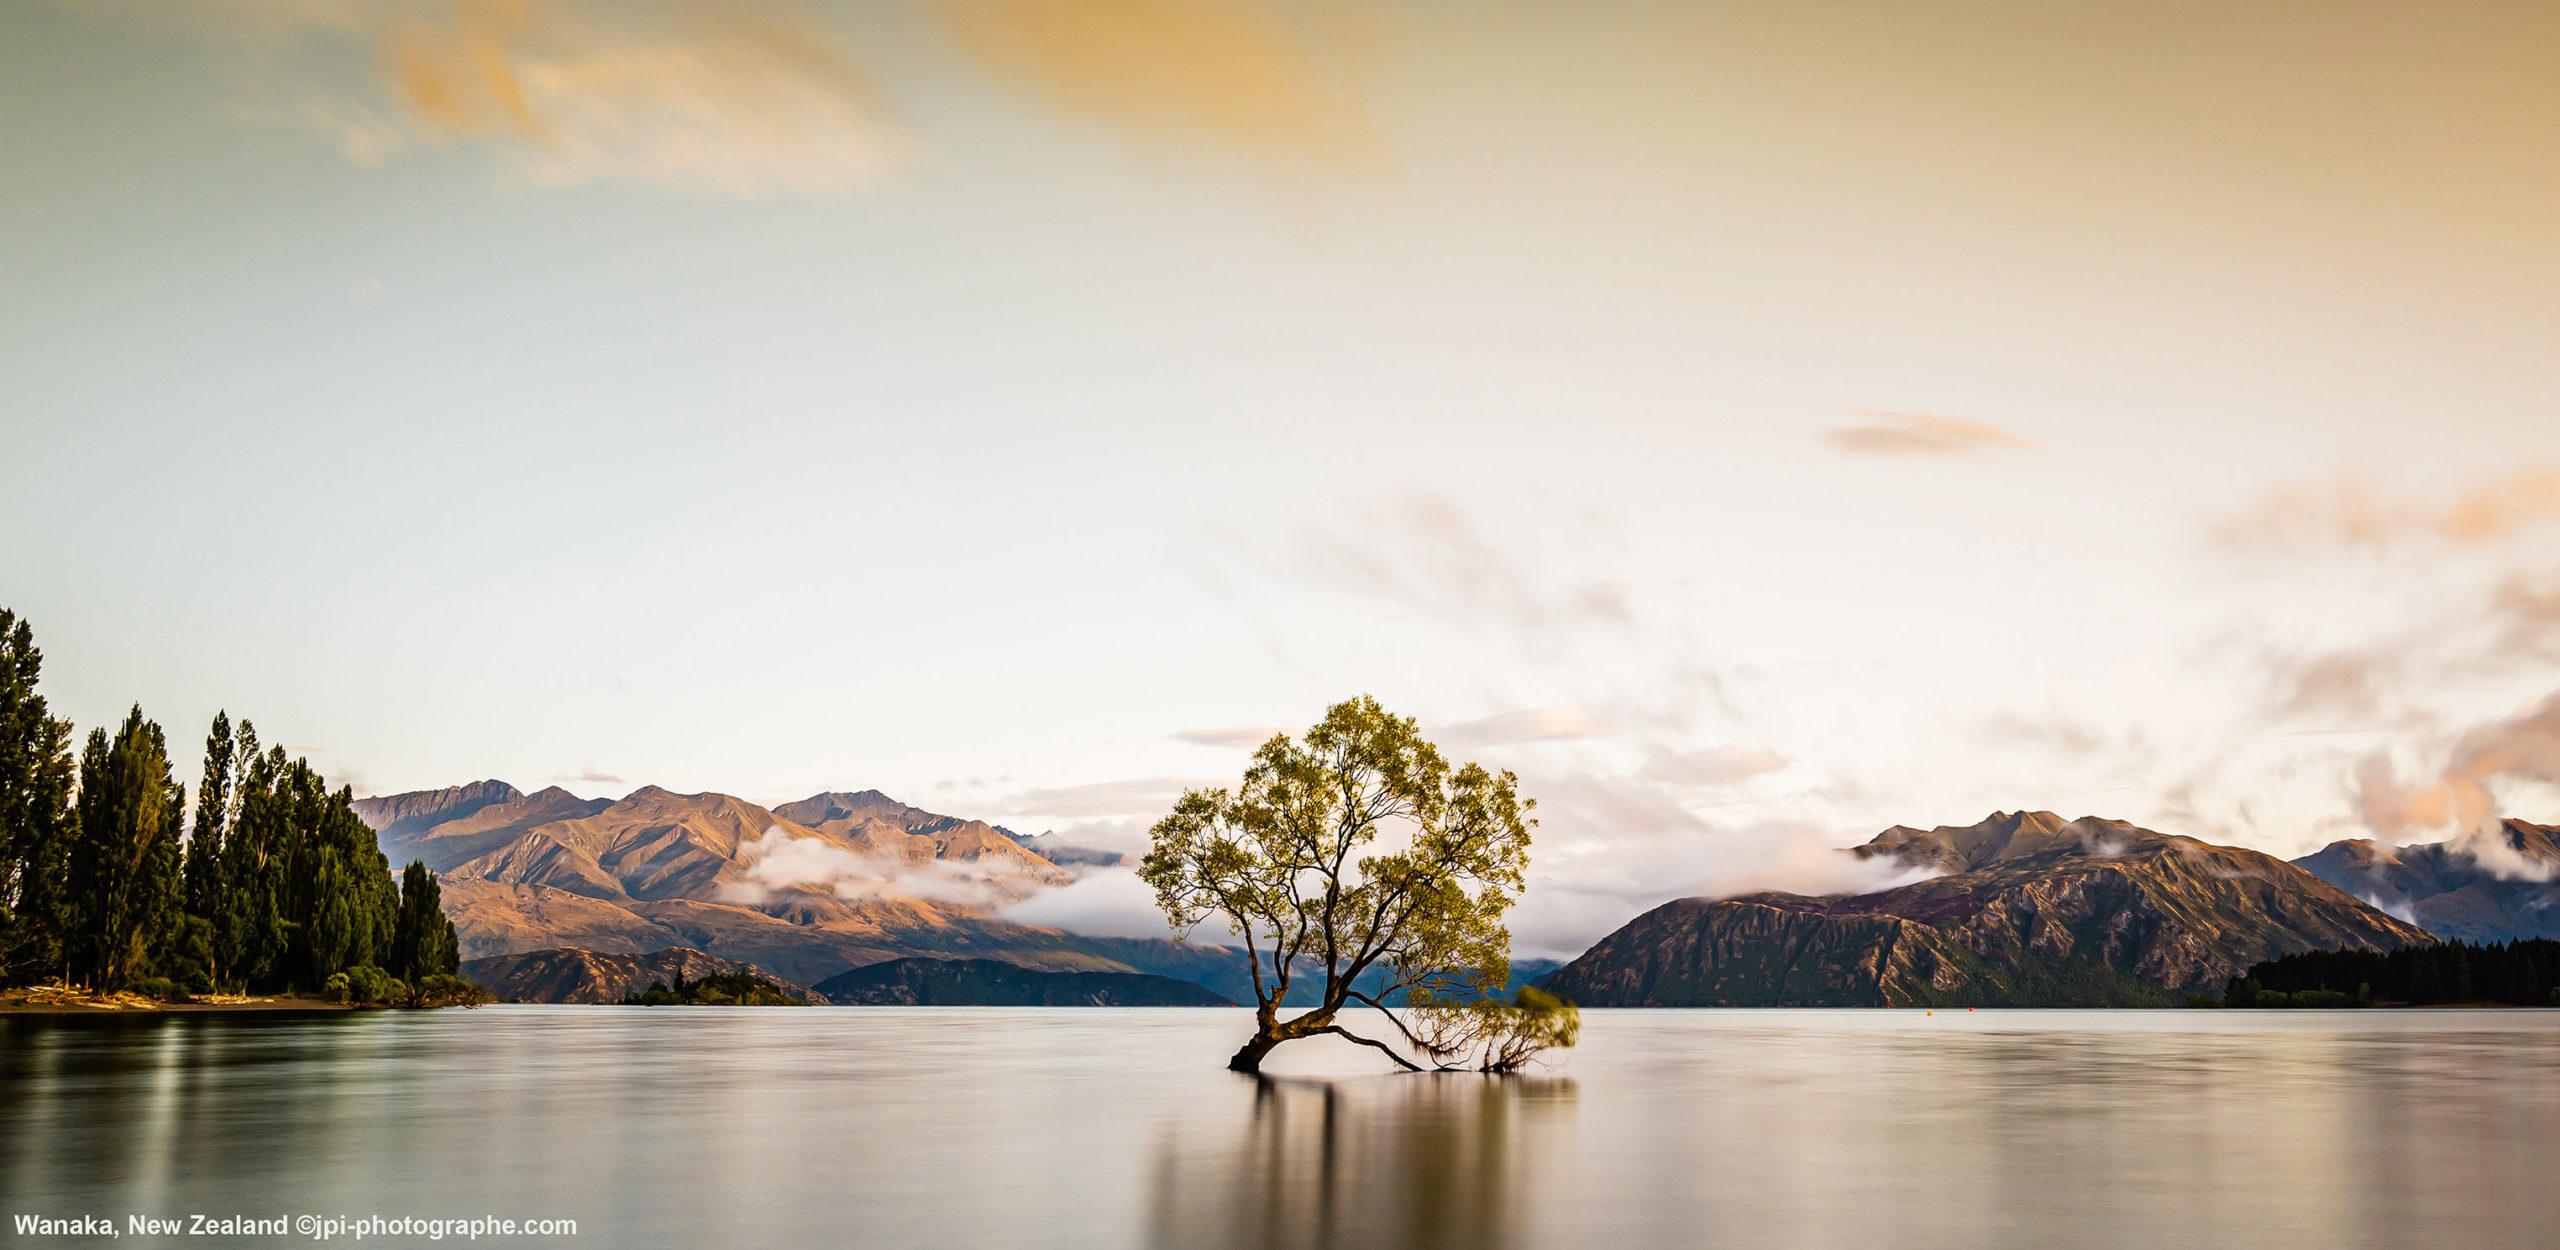 Wanaka Tree,New Zealand jpi photographe Mulhouse